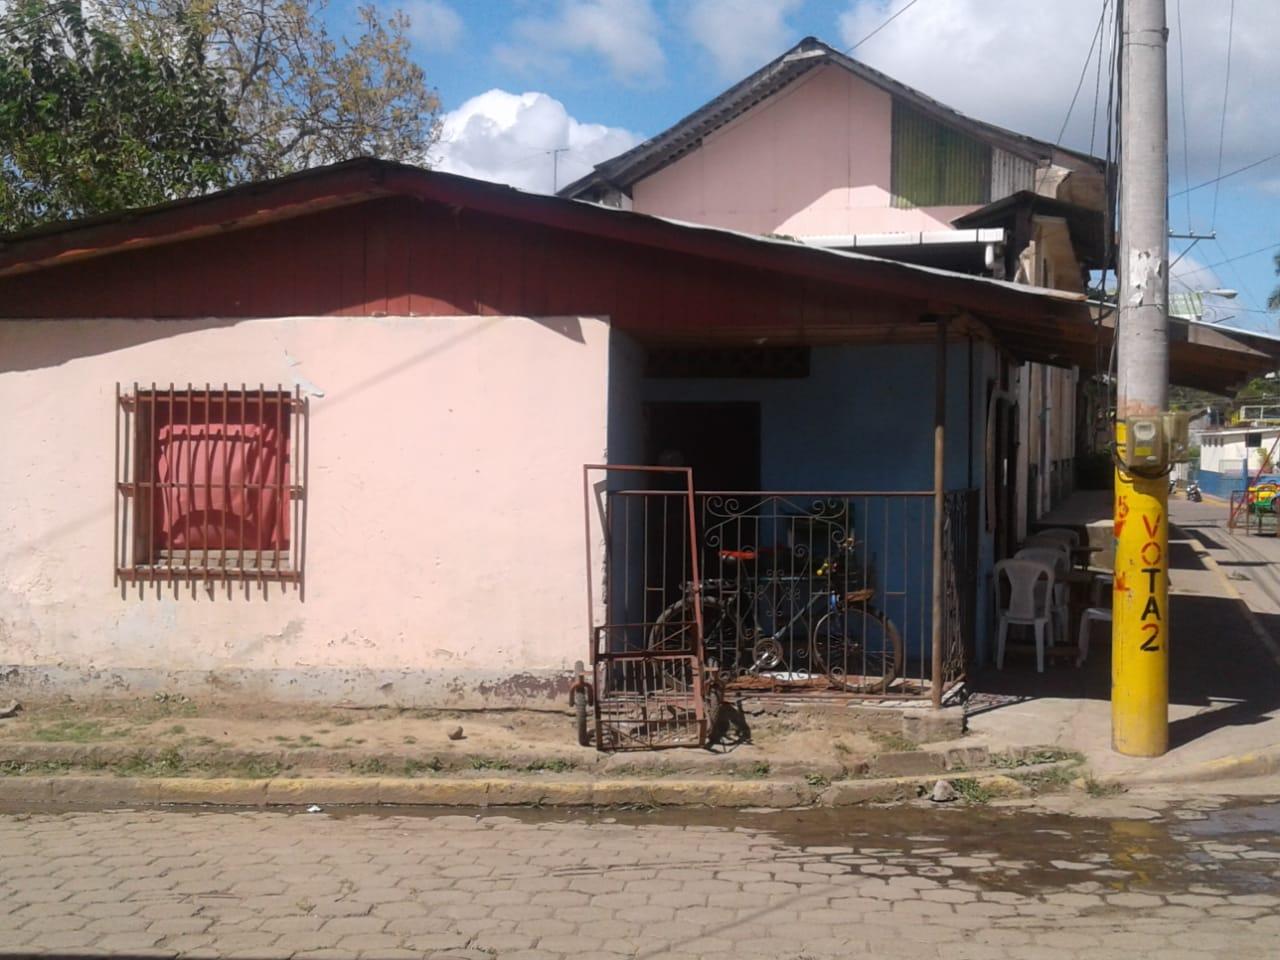 Policía orteguista de León libera a familia originaria de Niquinohomo, pero los obliga a salir de la ciudad universitaria. Foto: Noel Pérez Miranda / Artículo 66